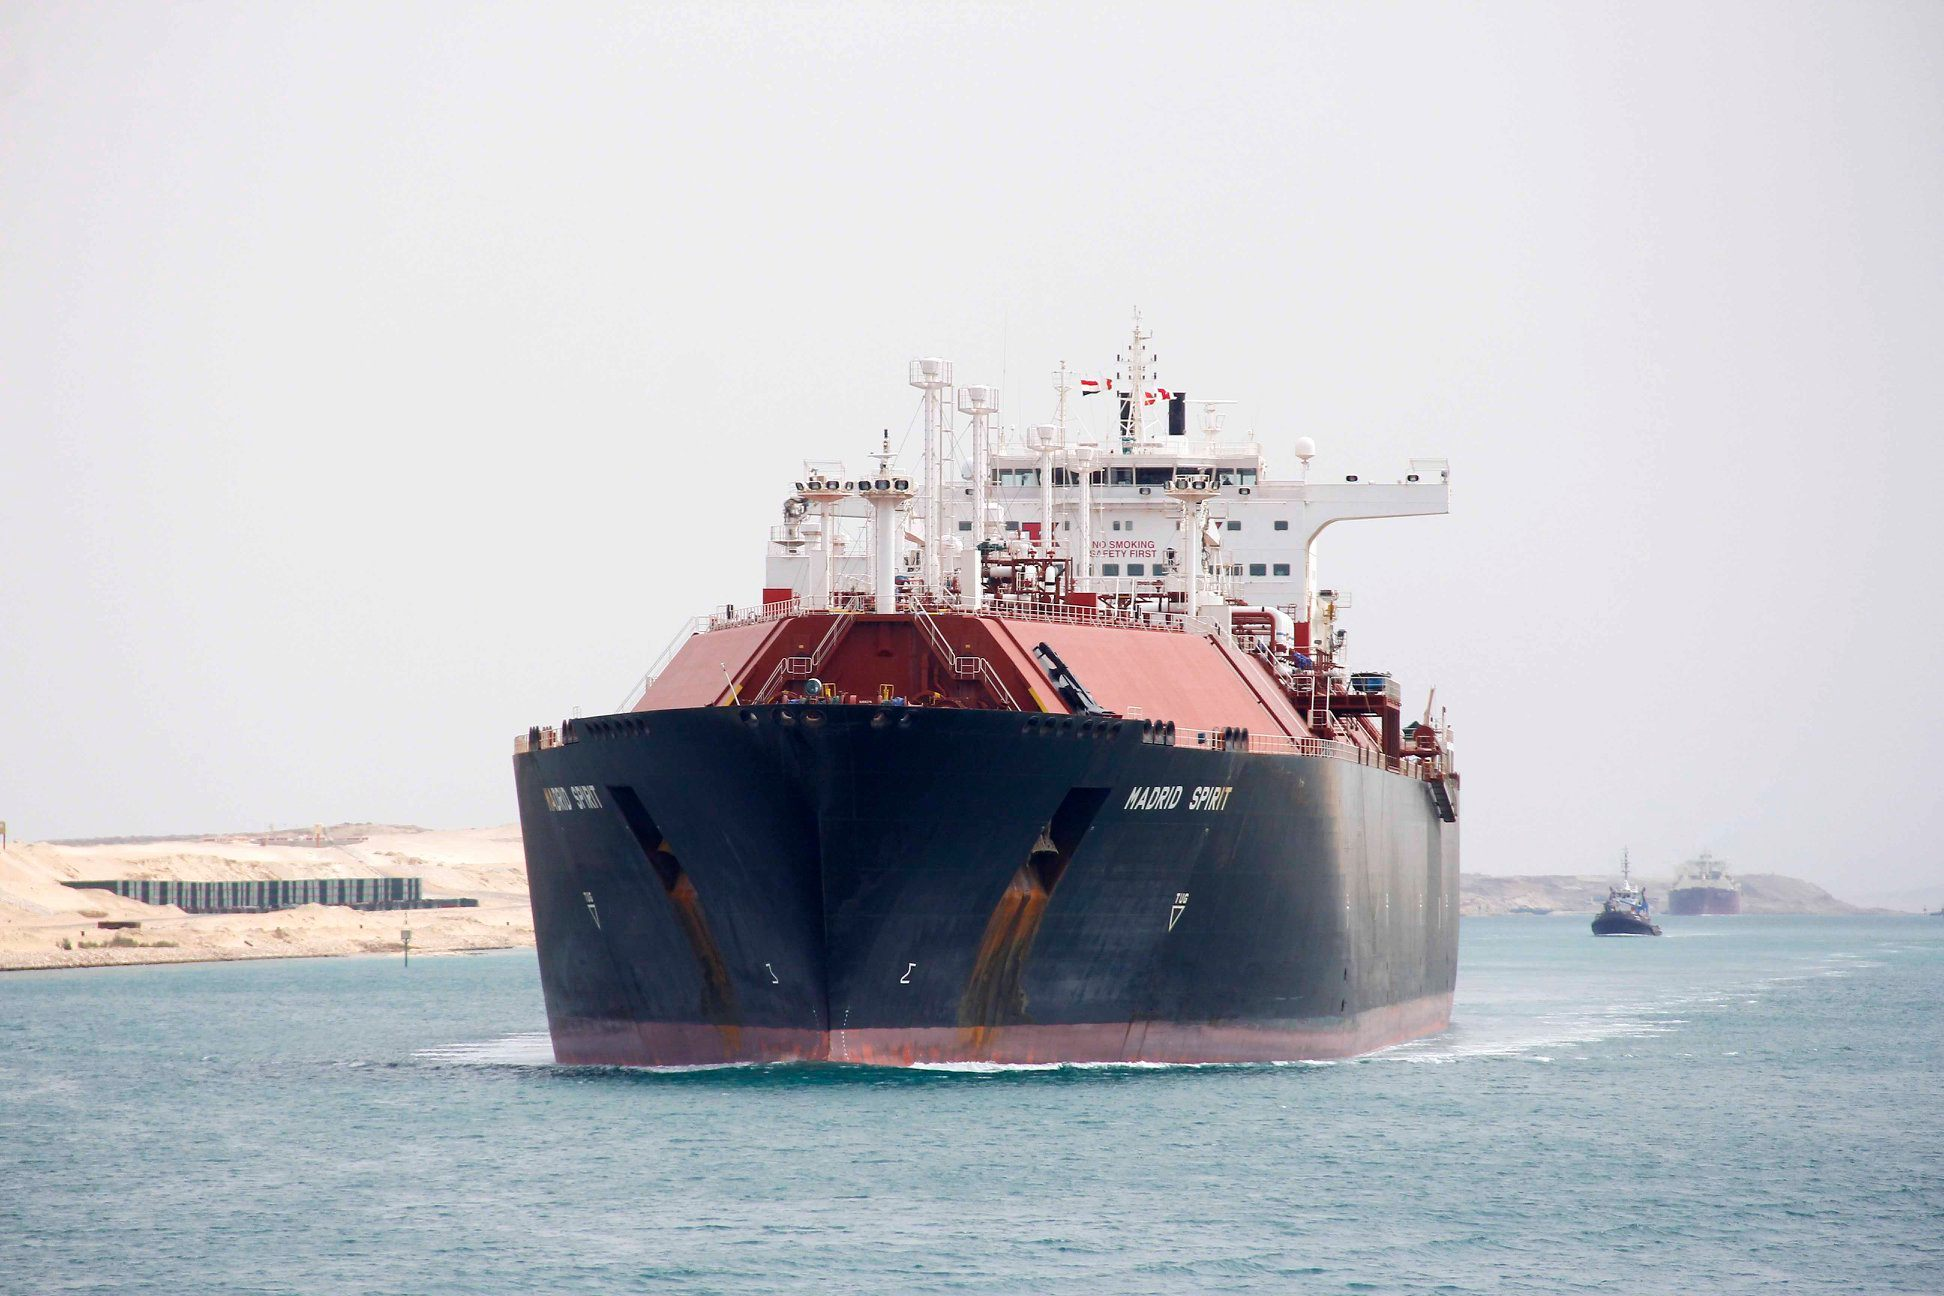 عبور 55 سفينة المجرى الملاحي لقناة السويس بحمولات 4.2 مليون طن